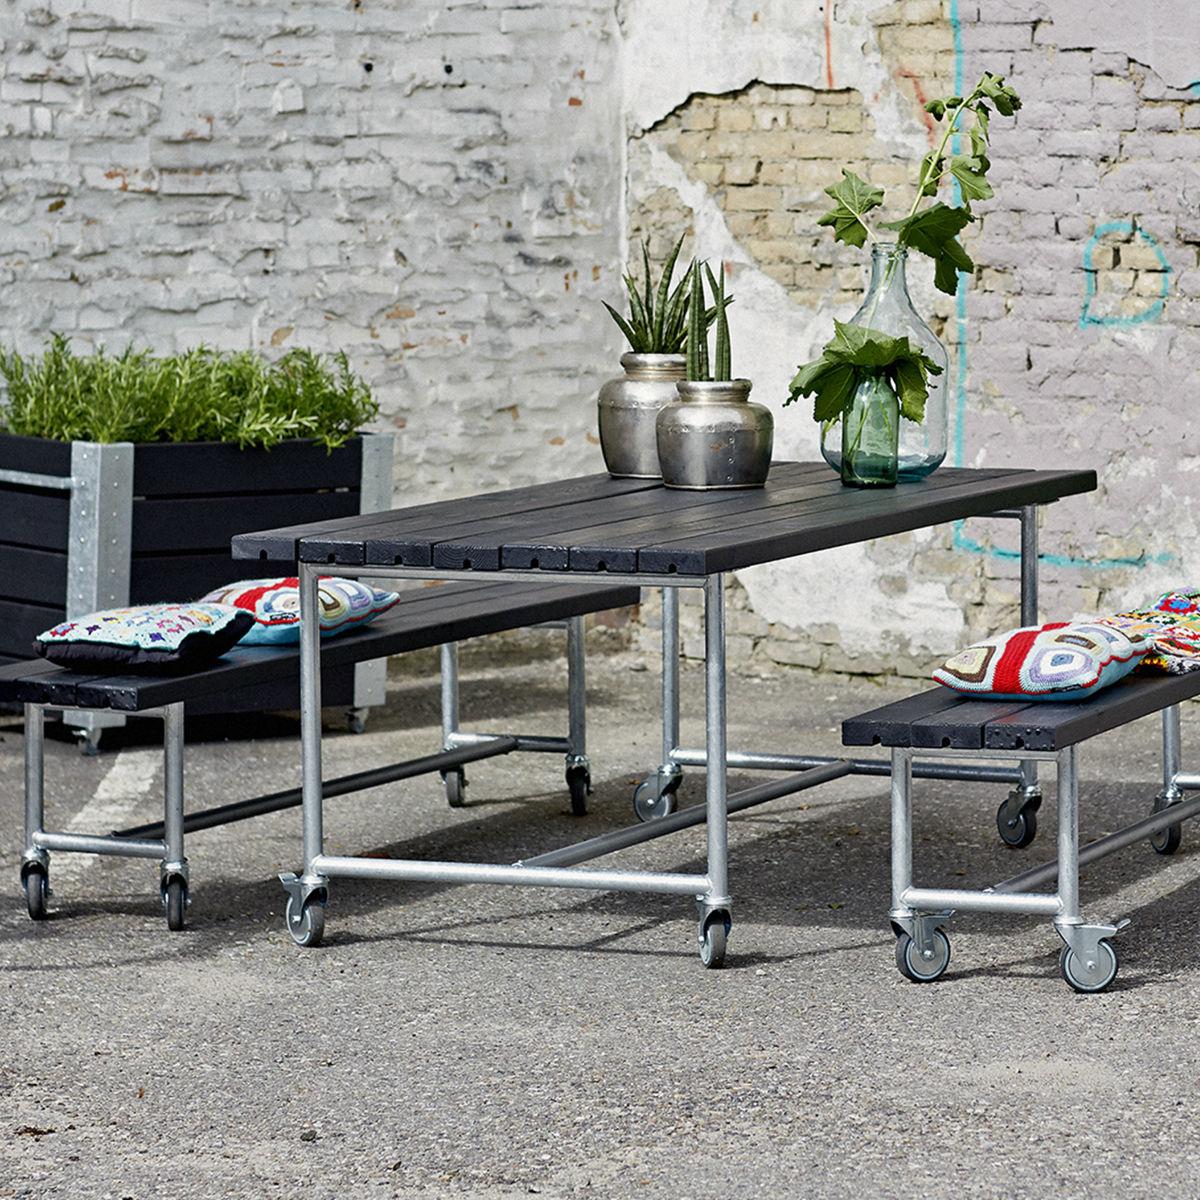 Café & Trädgårdsmöbler | Möbelgrupp Urban 207 cm